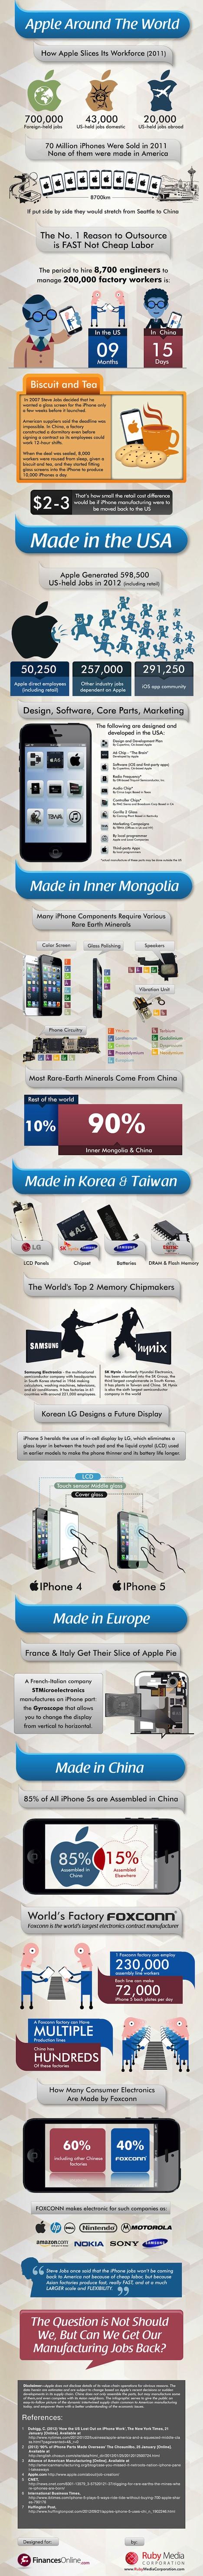 iphone_worldwide2